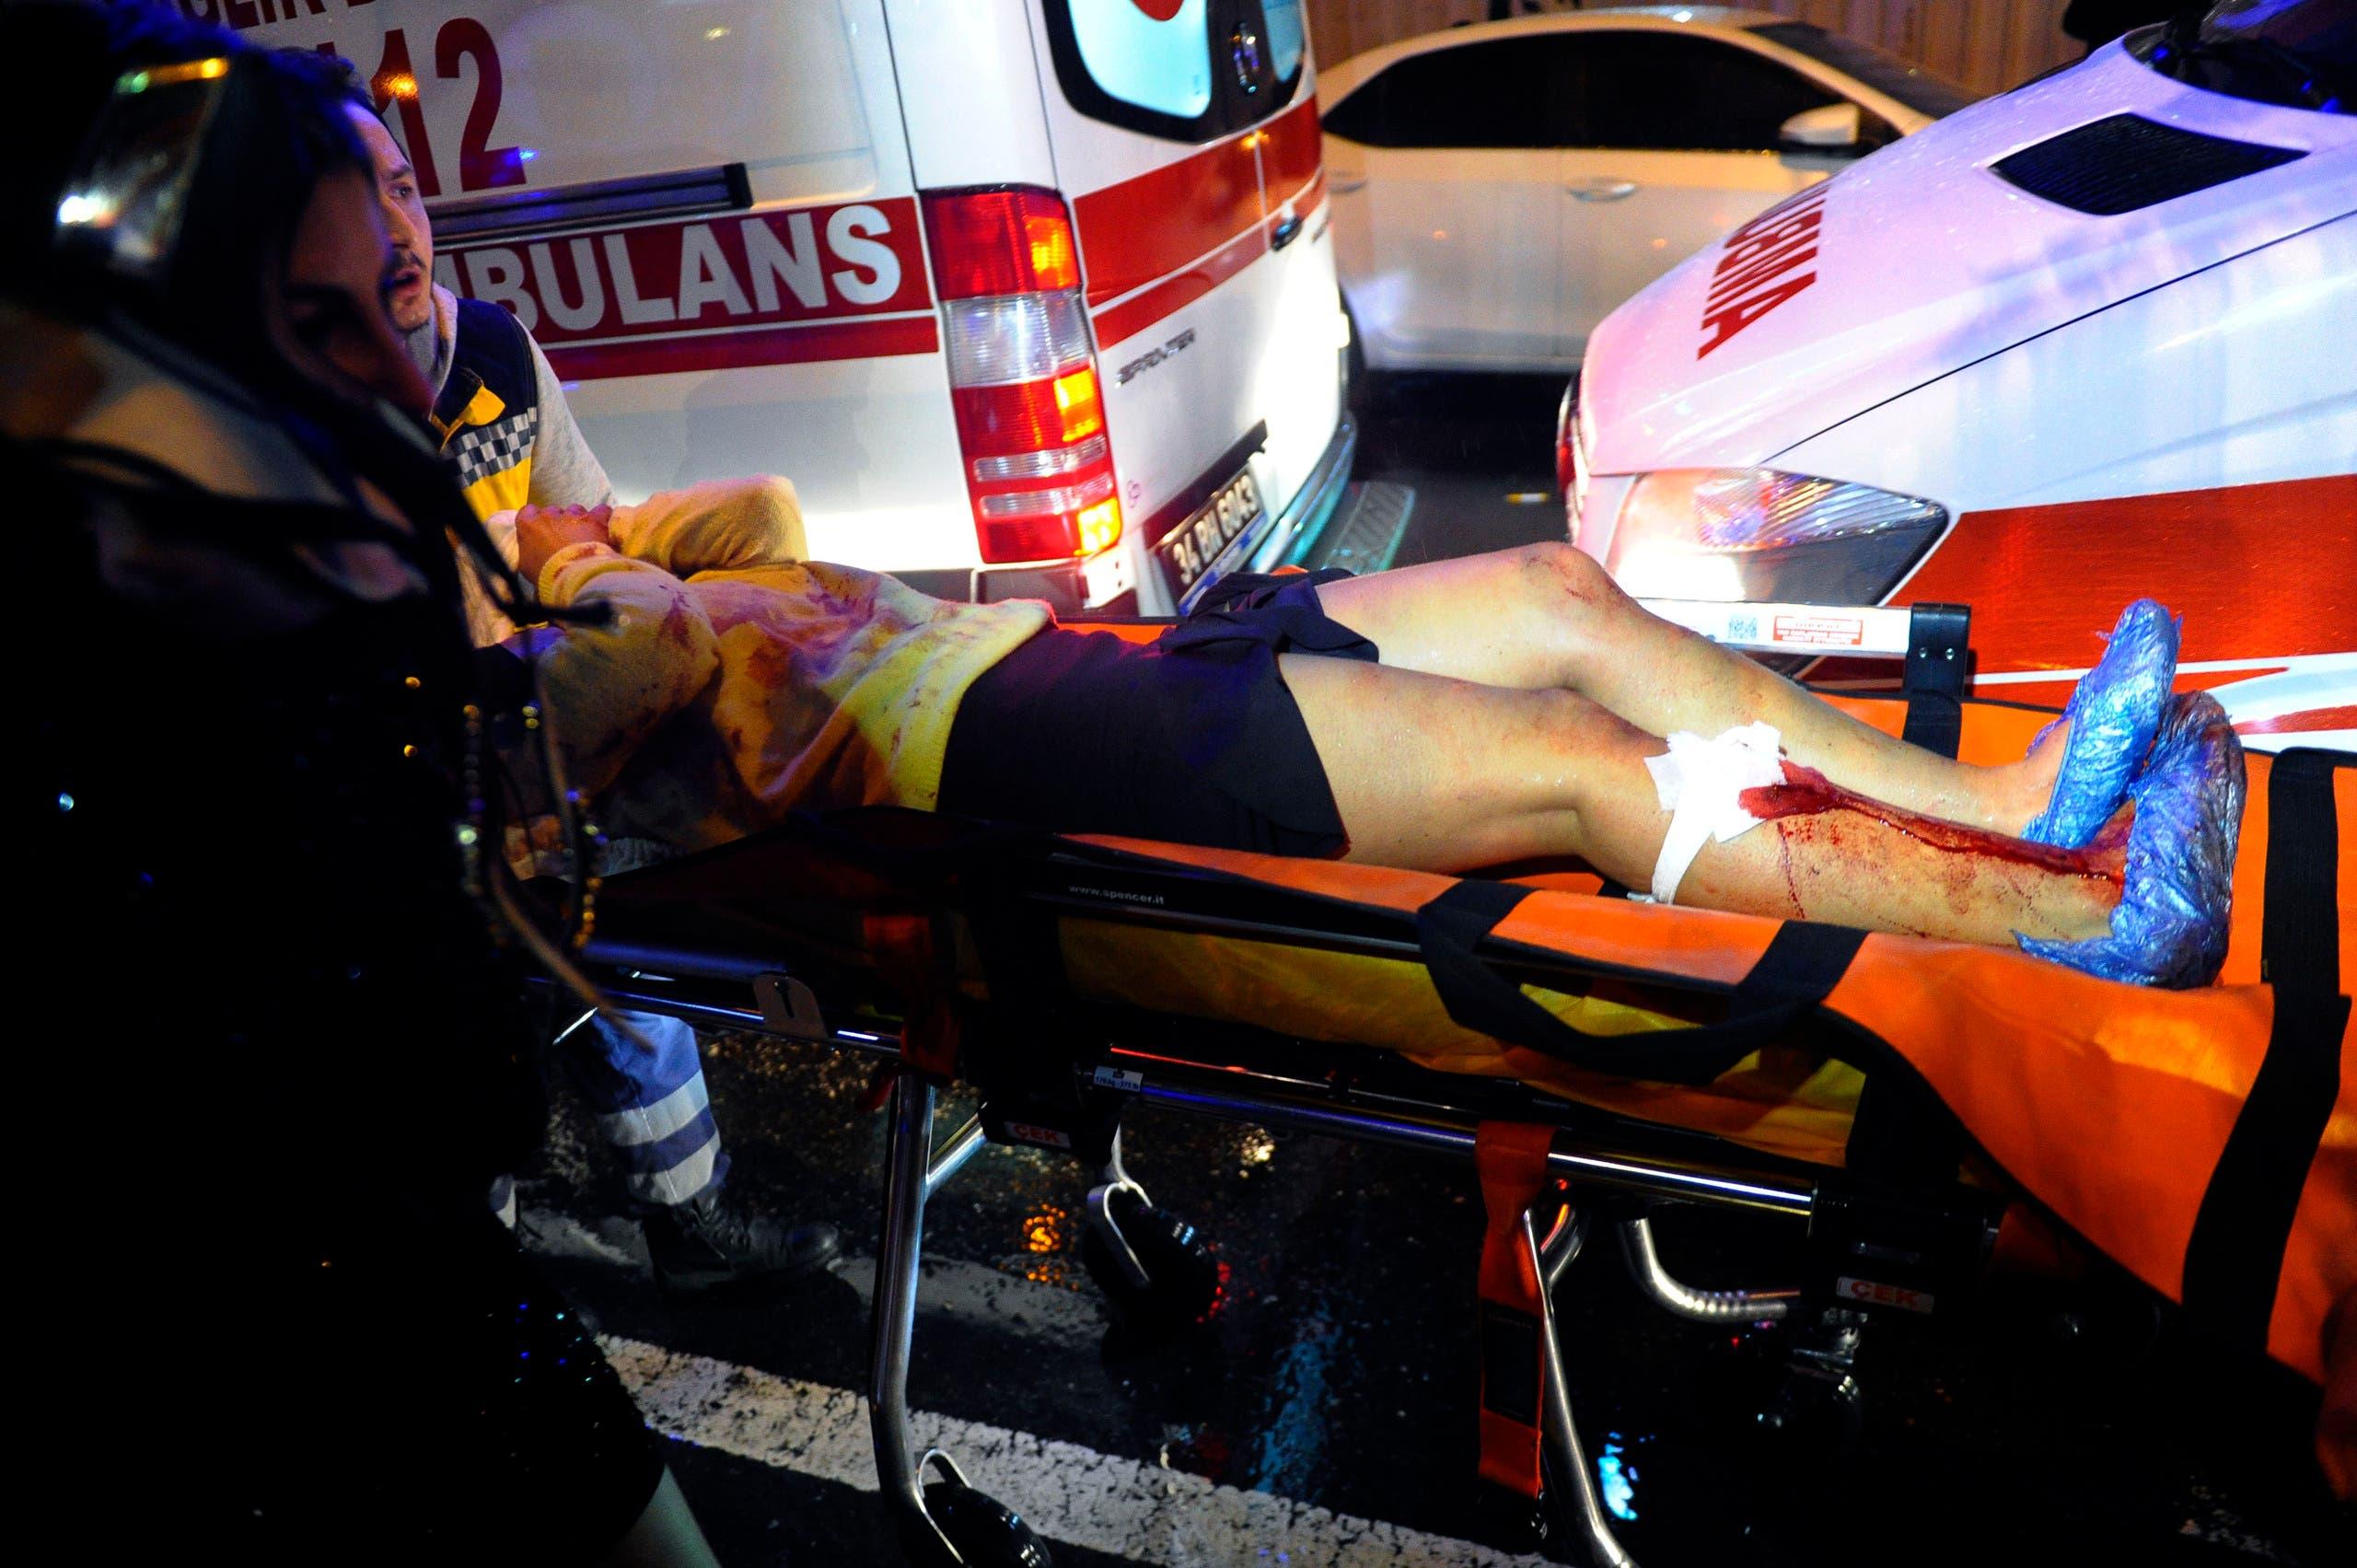 مصاب في هجوم ليلة رأس السنة في اسطنبول